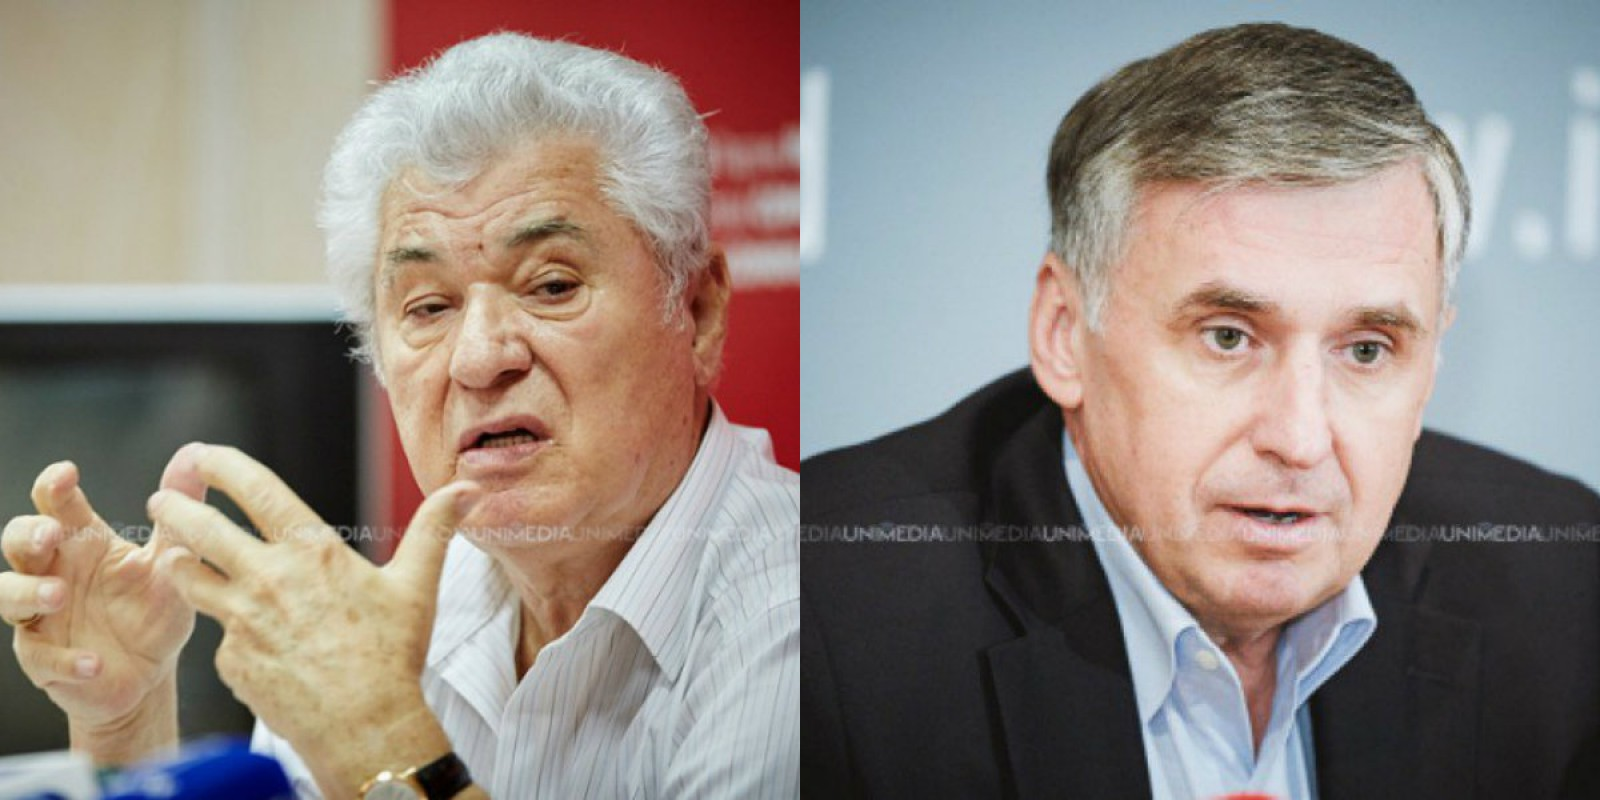 Voronin: Sturza, pentru mine ai fost dintotdeauna un nimeni; Sub conducerea Regelui tău, România a participat în război împotriva țării mele, Uniunea Sovietică